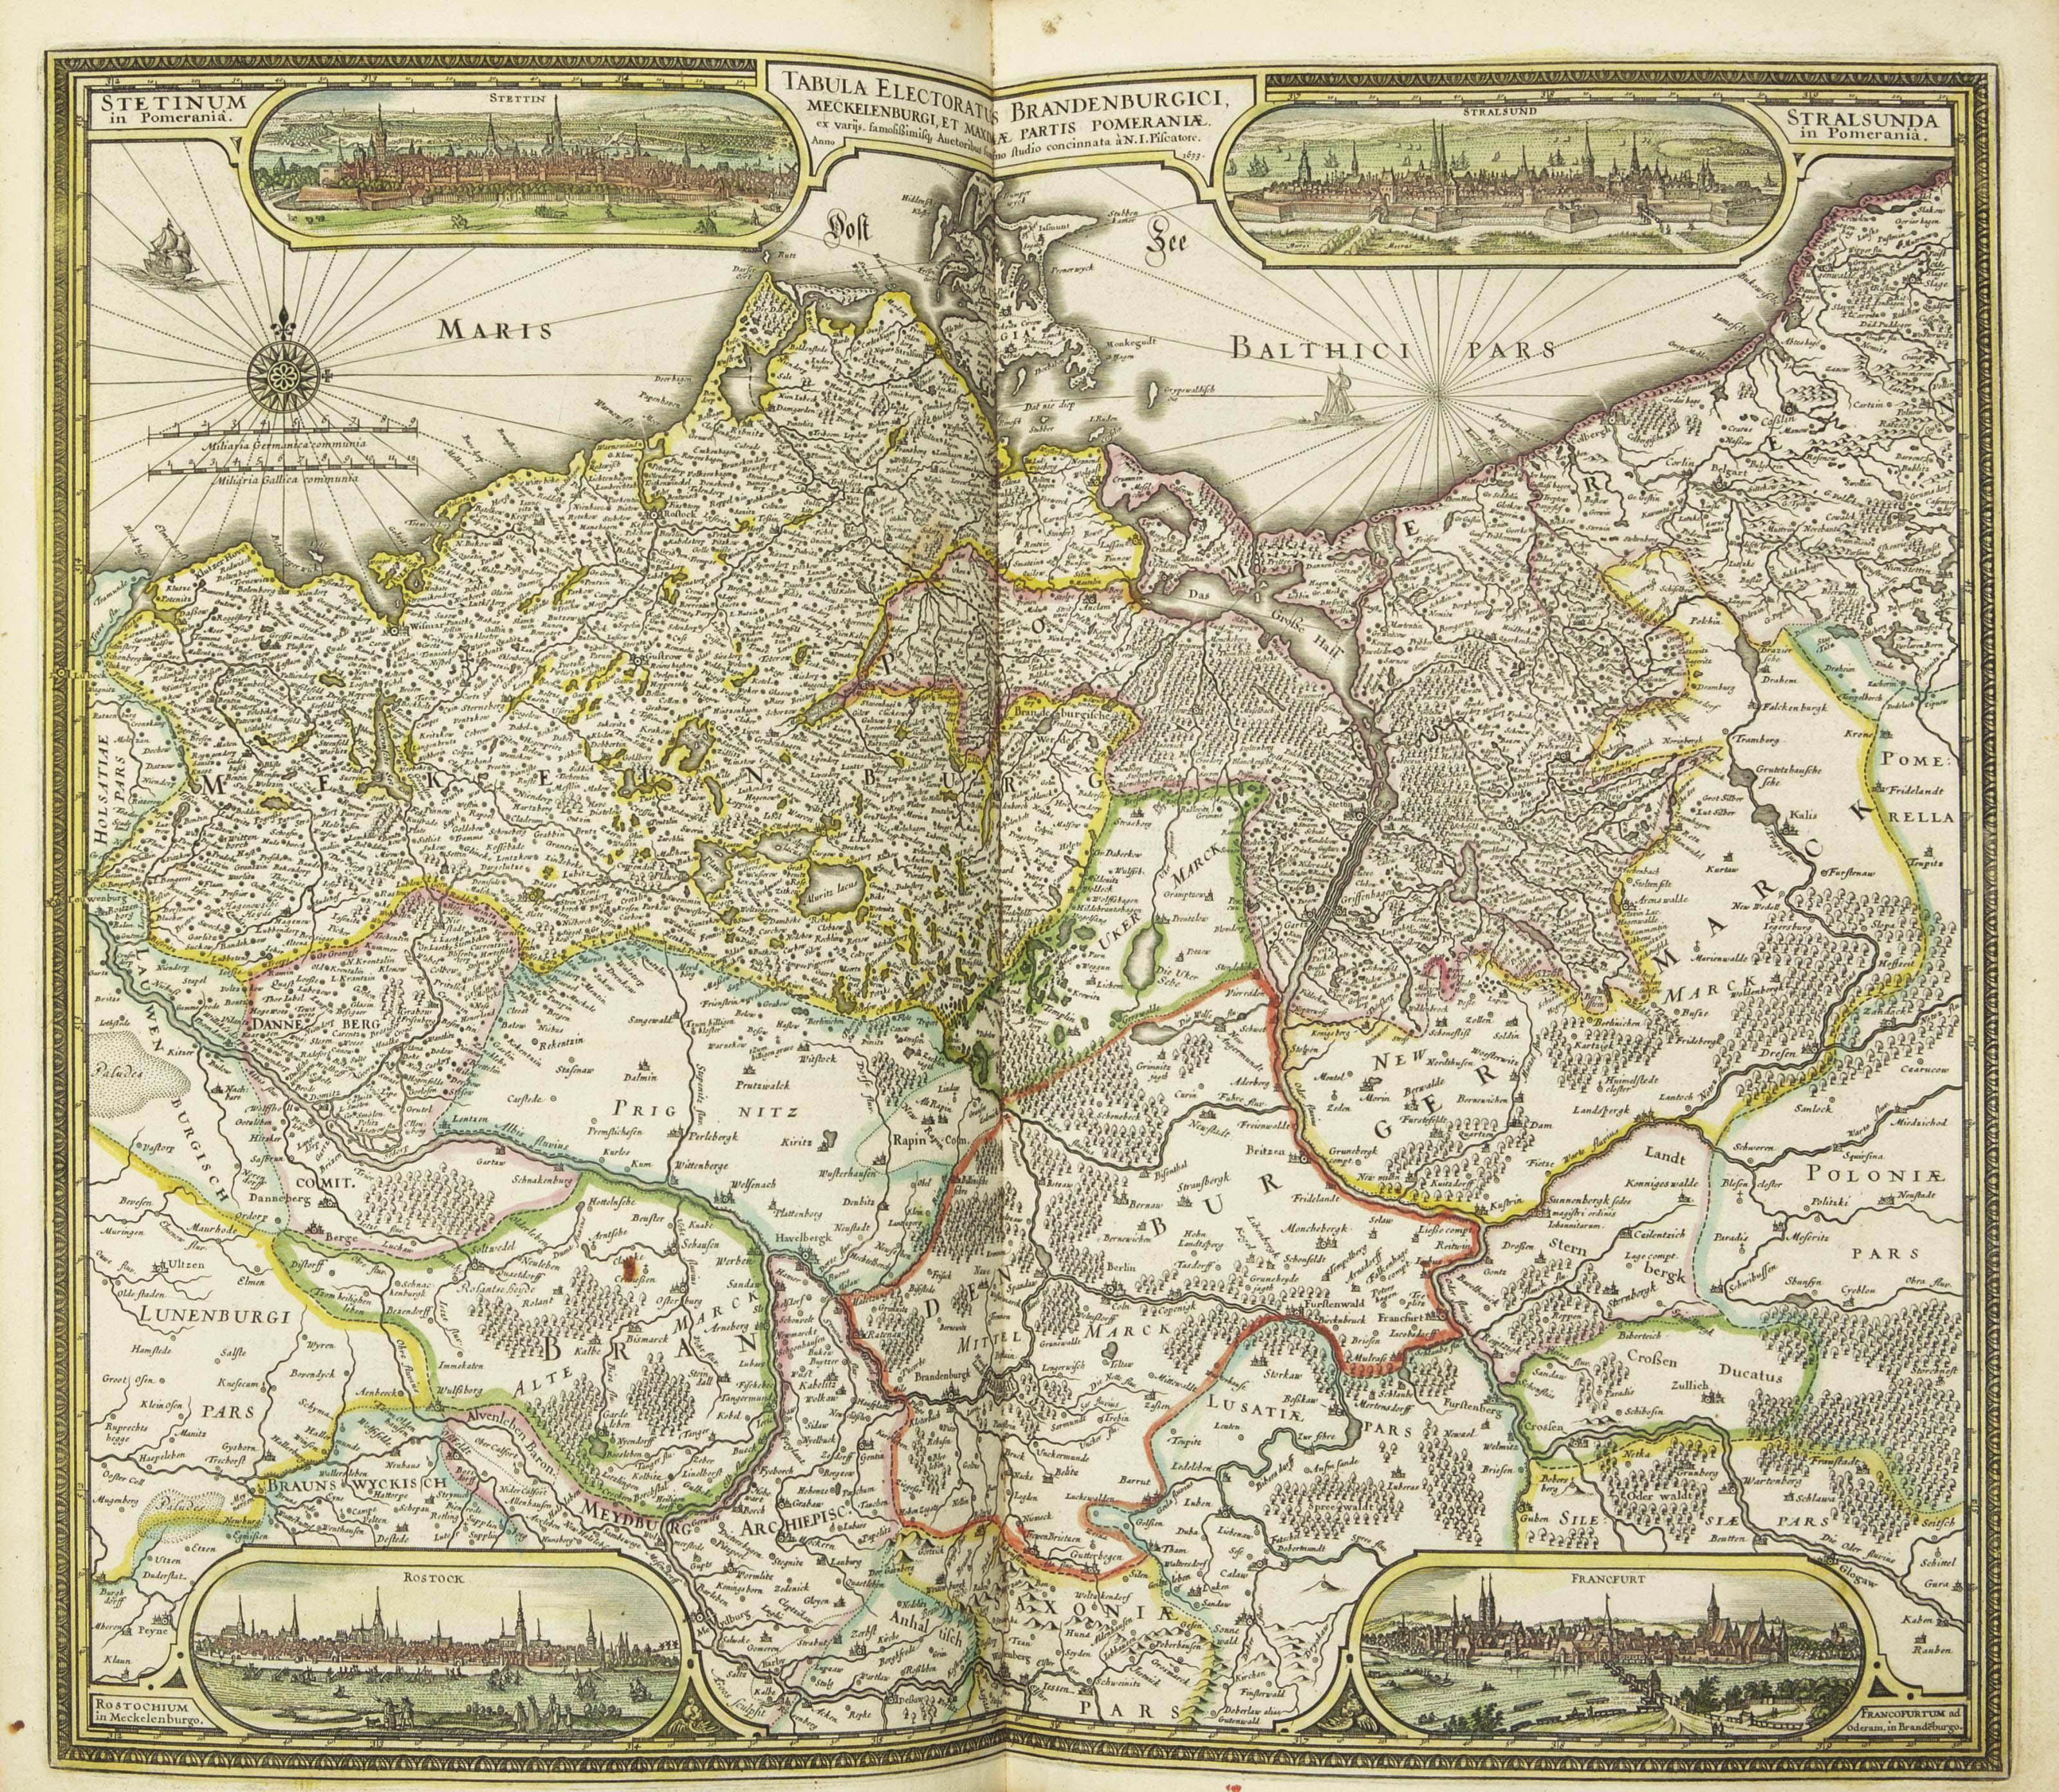 MERCATOR, Gérard (1512-1594) & HONDIUS, Jodocus (1563-1612). Atlas ou Représentation du monde universel... divisé en deux tomes. Edition nouvelle. Amsterdam: Henry Hondius, 1633.